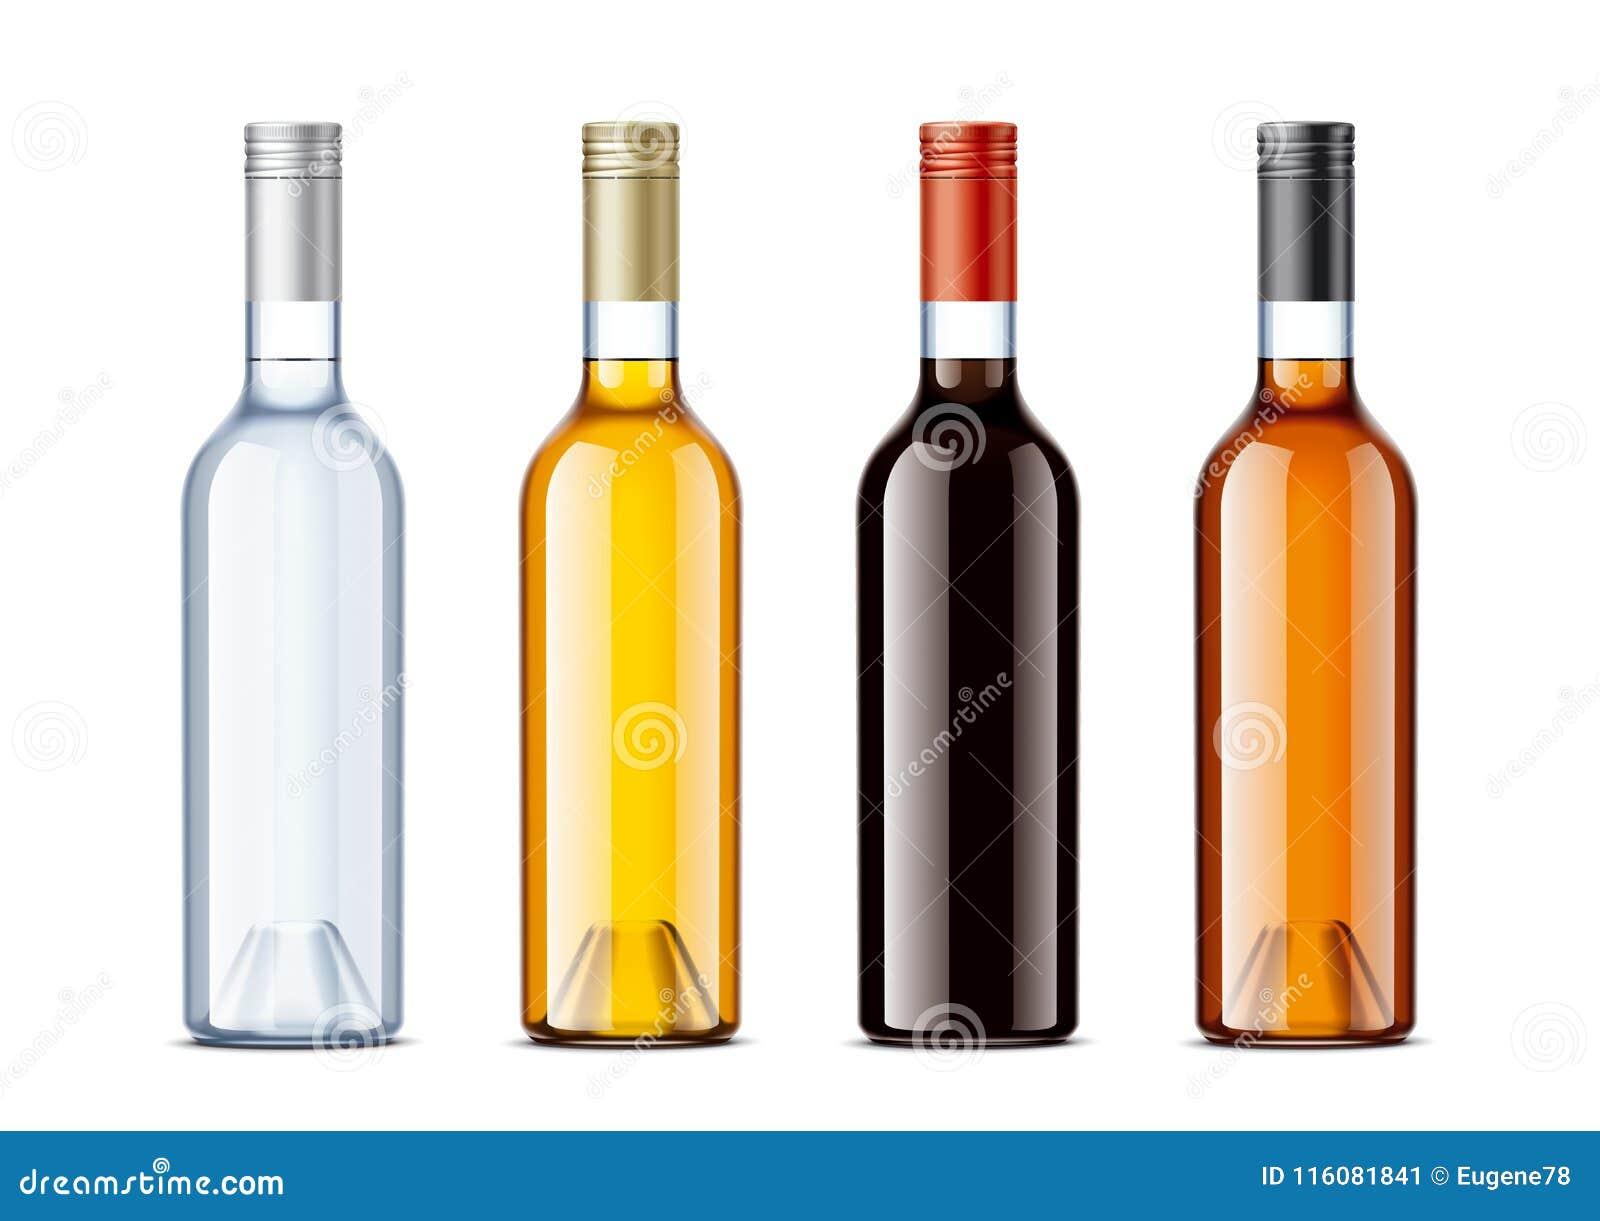 Leere Flaschen Für Alkoholgetränke Vektor Abbildung - Illustration ...